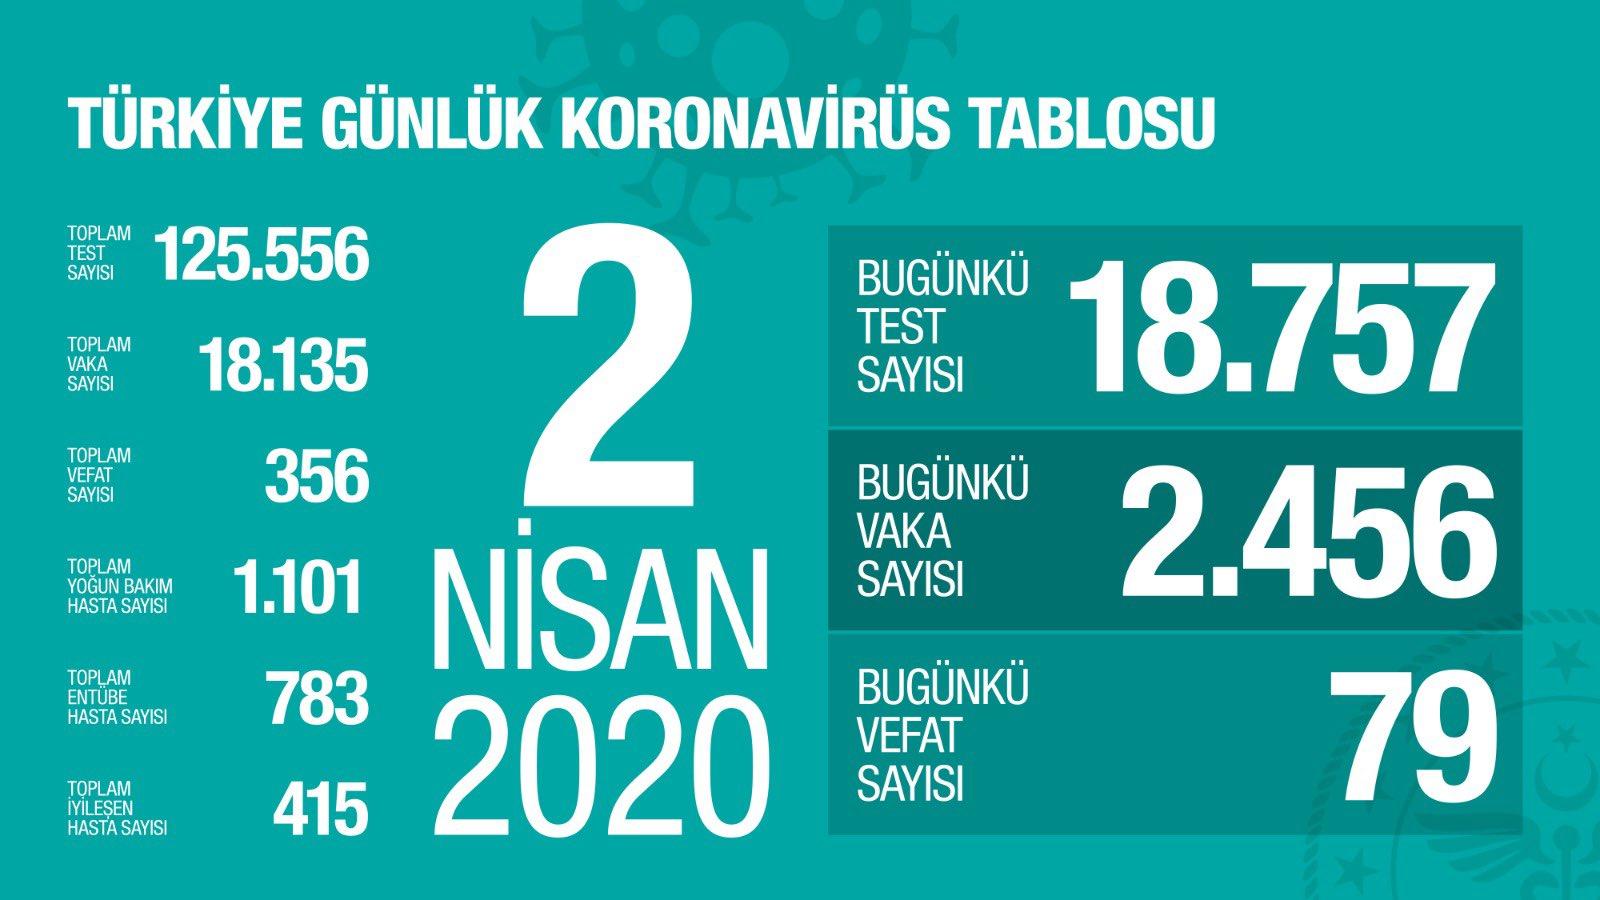 Vaka Sayısı Türkiye'de 18.135'a Ulaştı ve Toplam Vefat Sayısı 356 Oldu